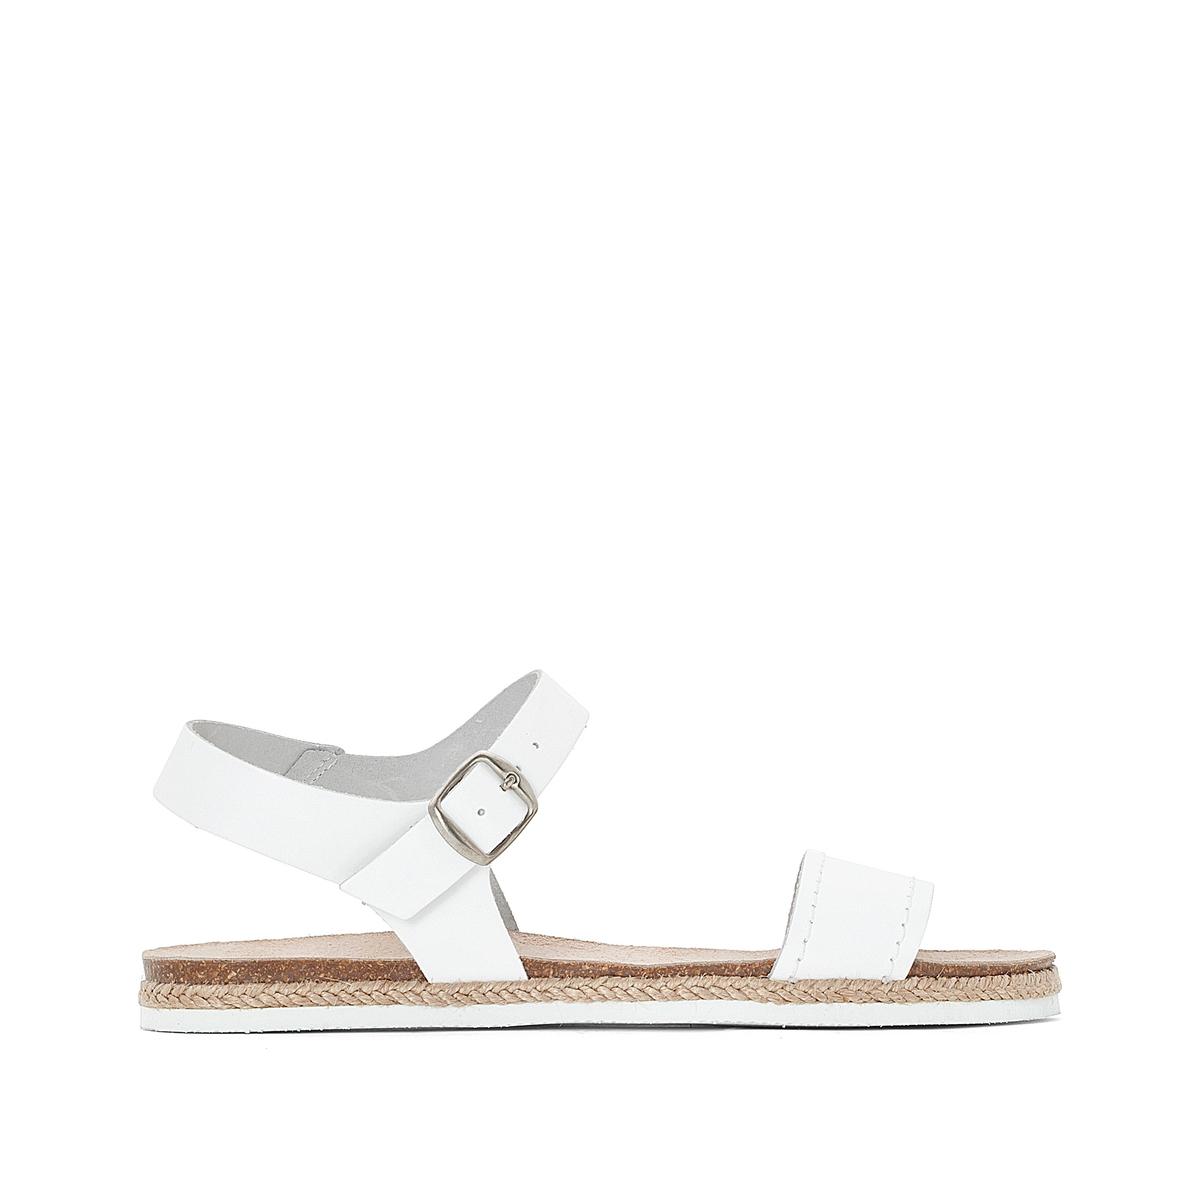 Сандалии кожаные Keita StrapВерх/Голенище : кожа   Стелька : синтетика  Подошва : каучук  Высота каблука : 1,5 см  Форма каблука : плоский каблук  Мысок : закругленный мысок Застежка : пряжка<br><br>Цвет: экрю